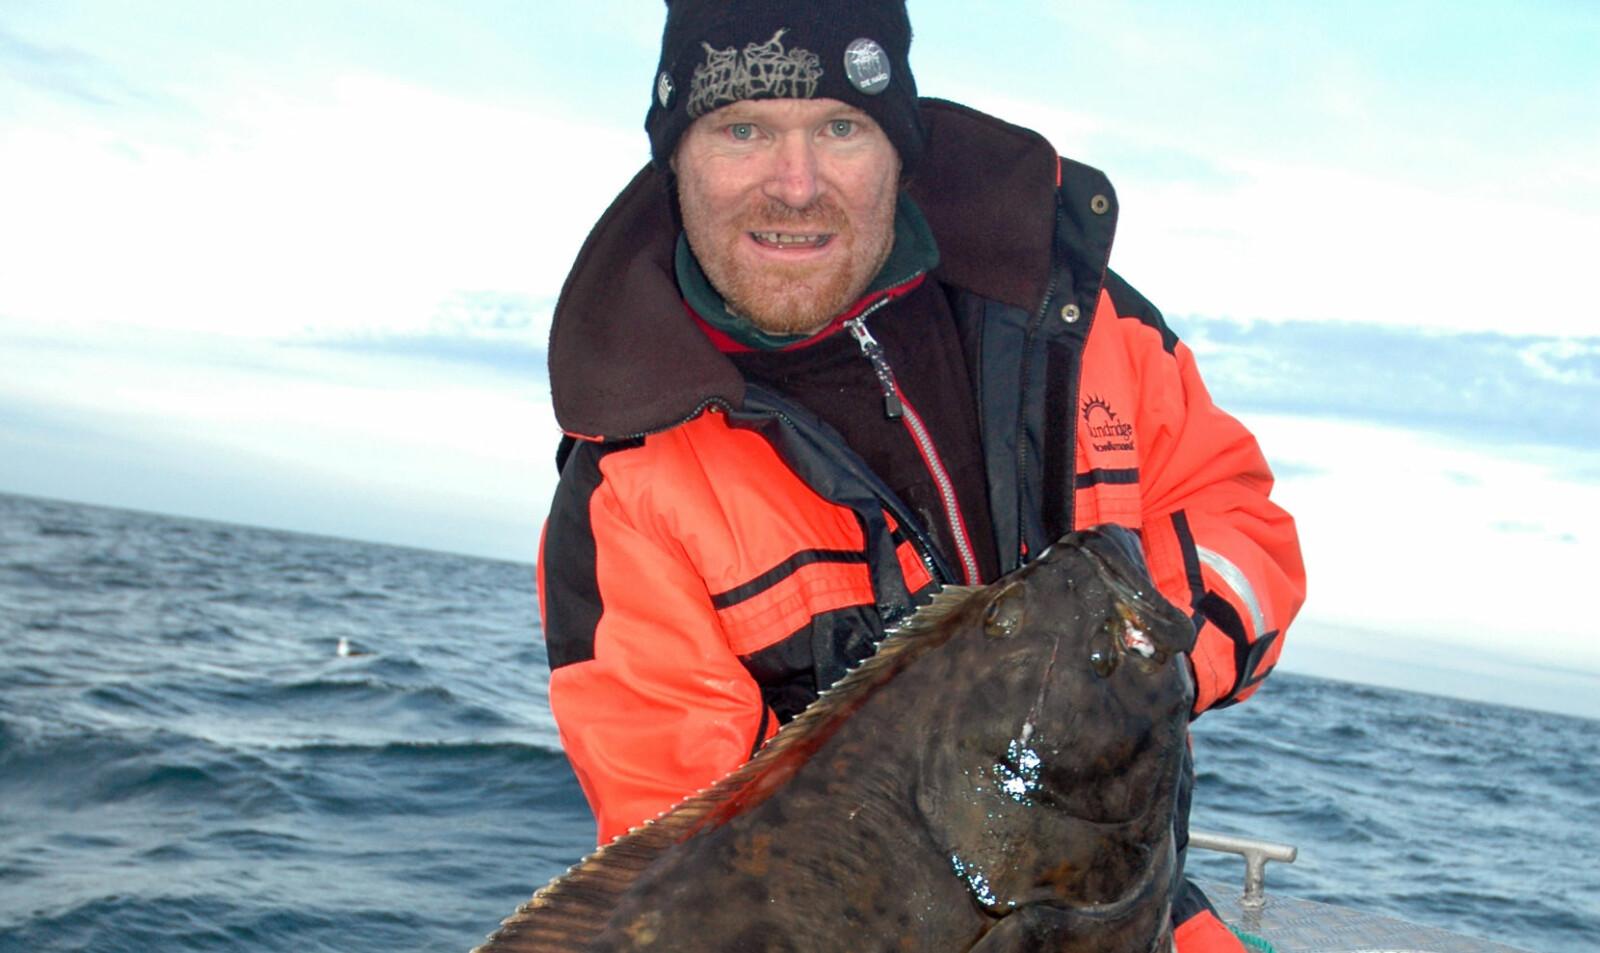 <b>RØSTKVEITE:</b> Det moderne kveitefisket i Norge ble utviklet på Røst. Her er Cato Bekkevold med et fint eksemplar av røstkveita.